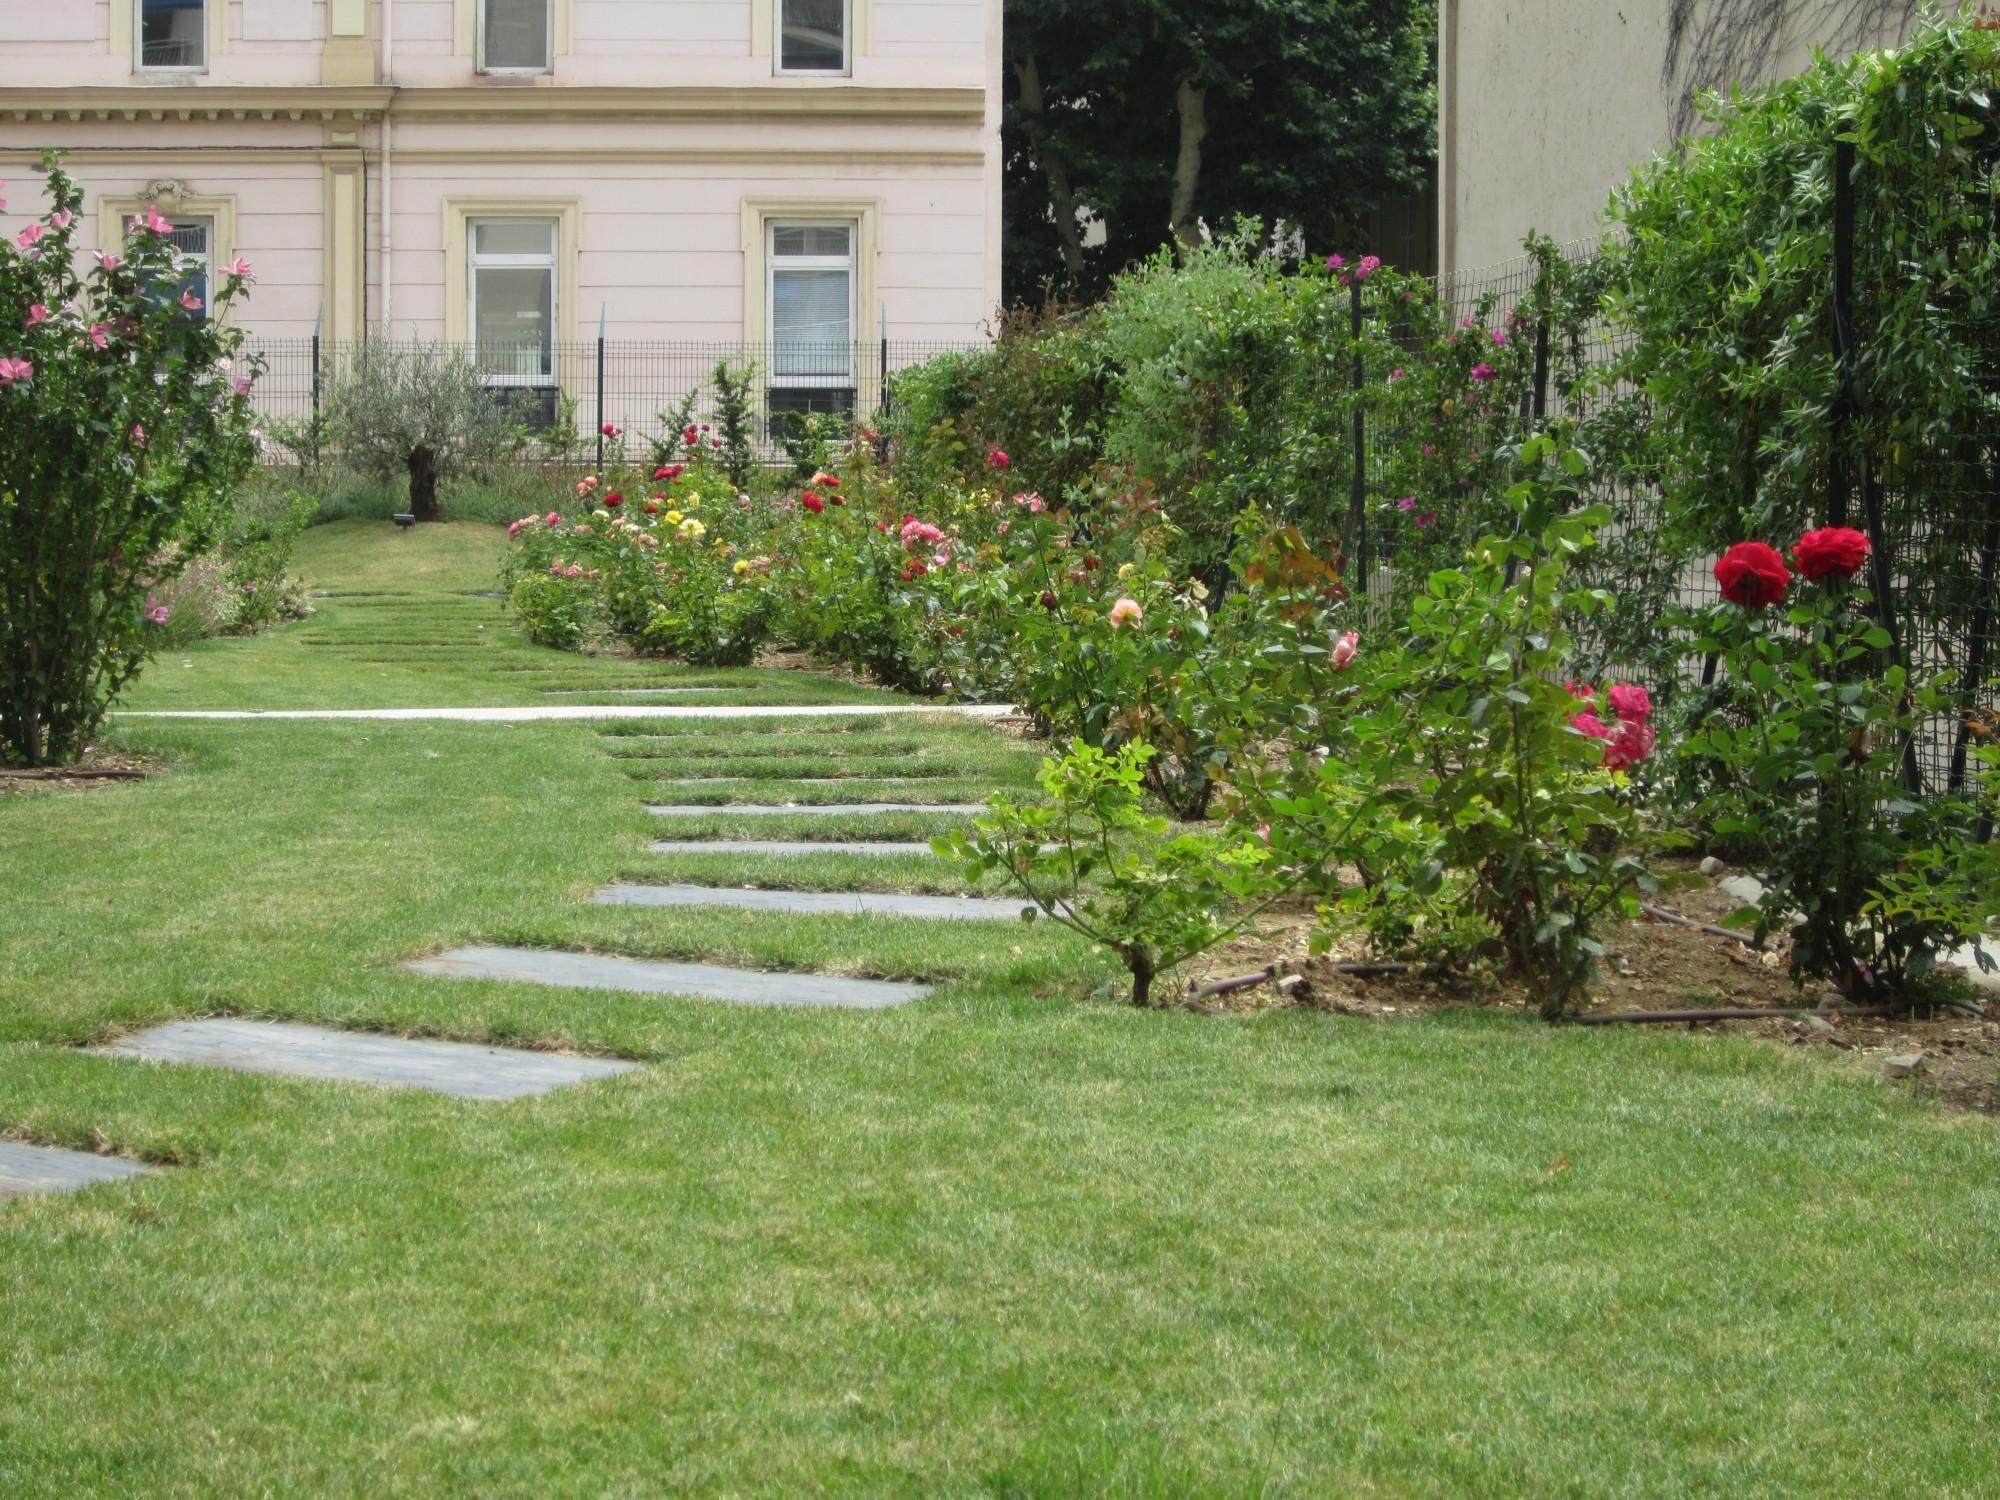 Entretien des espaces verts de copropri t vert tige for Entretien jardin 72